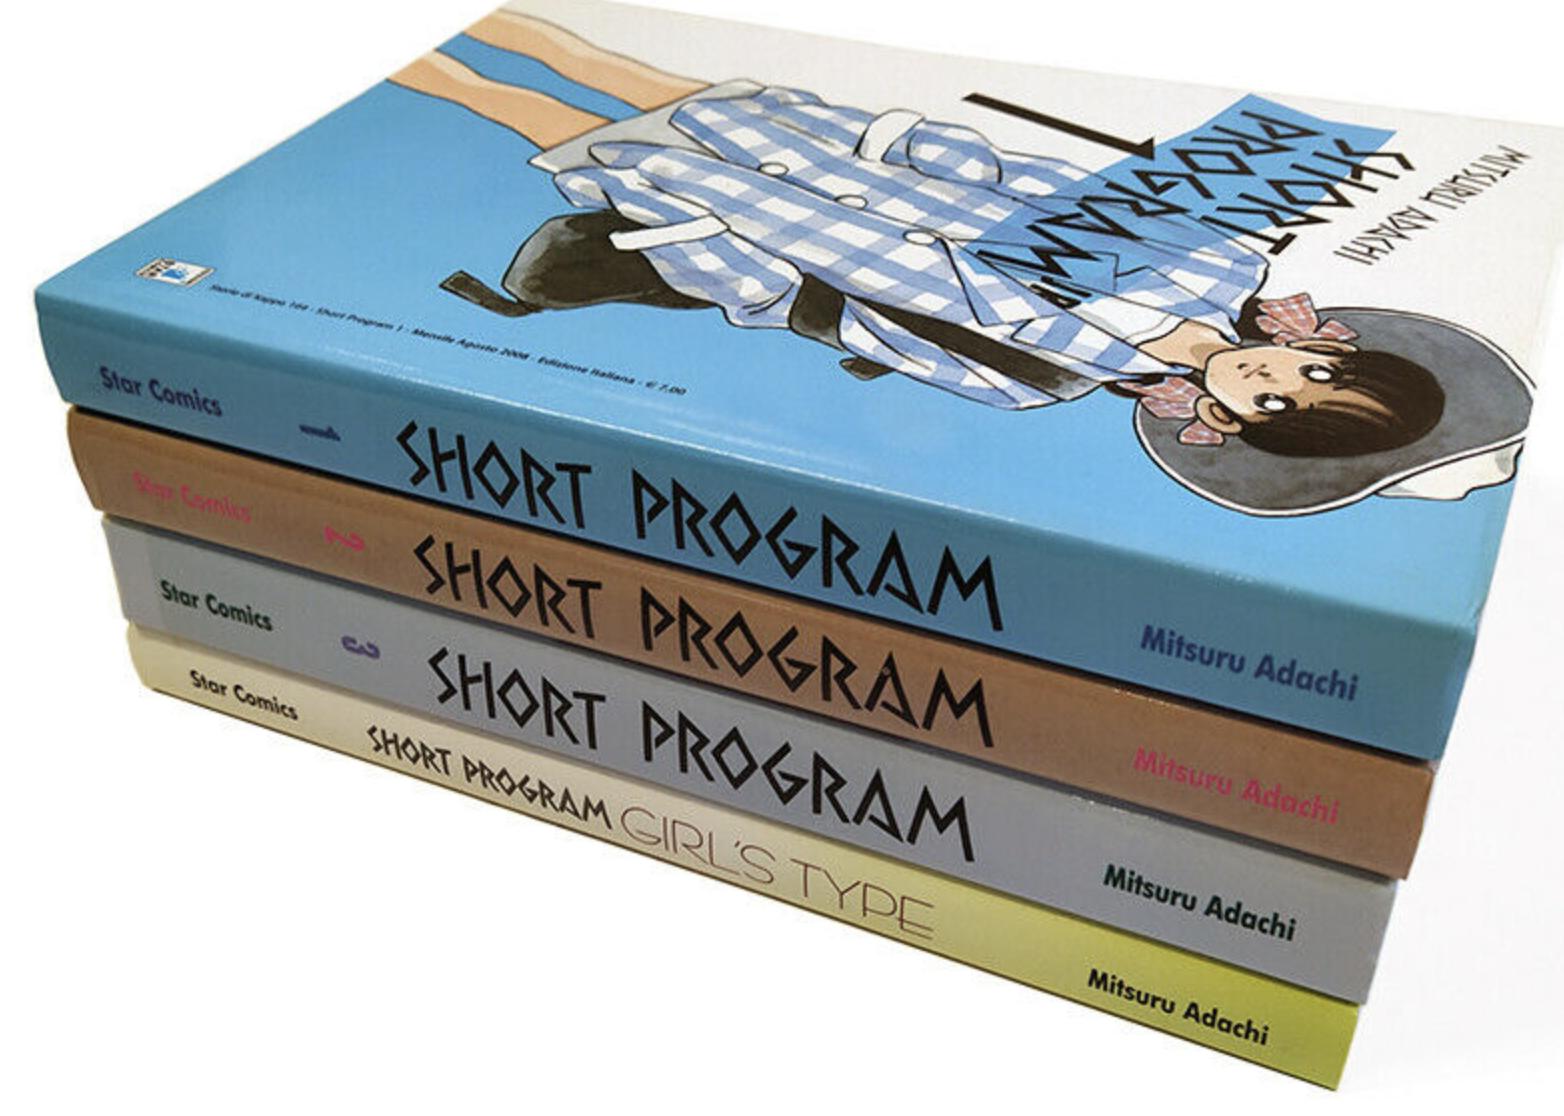 SHORT PROGRAM Serie COMPLETA 1/3 + GIRL'S TYPE